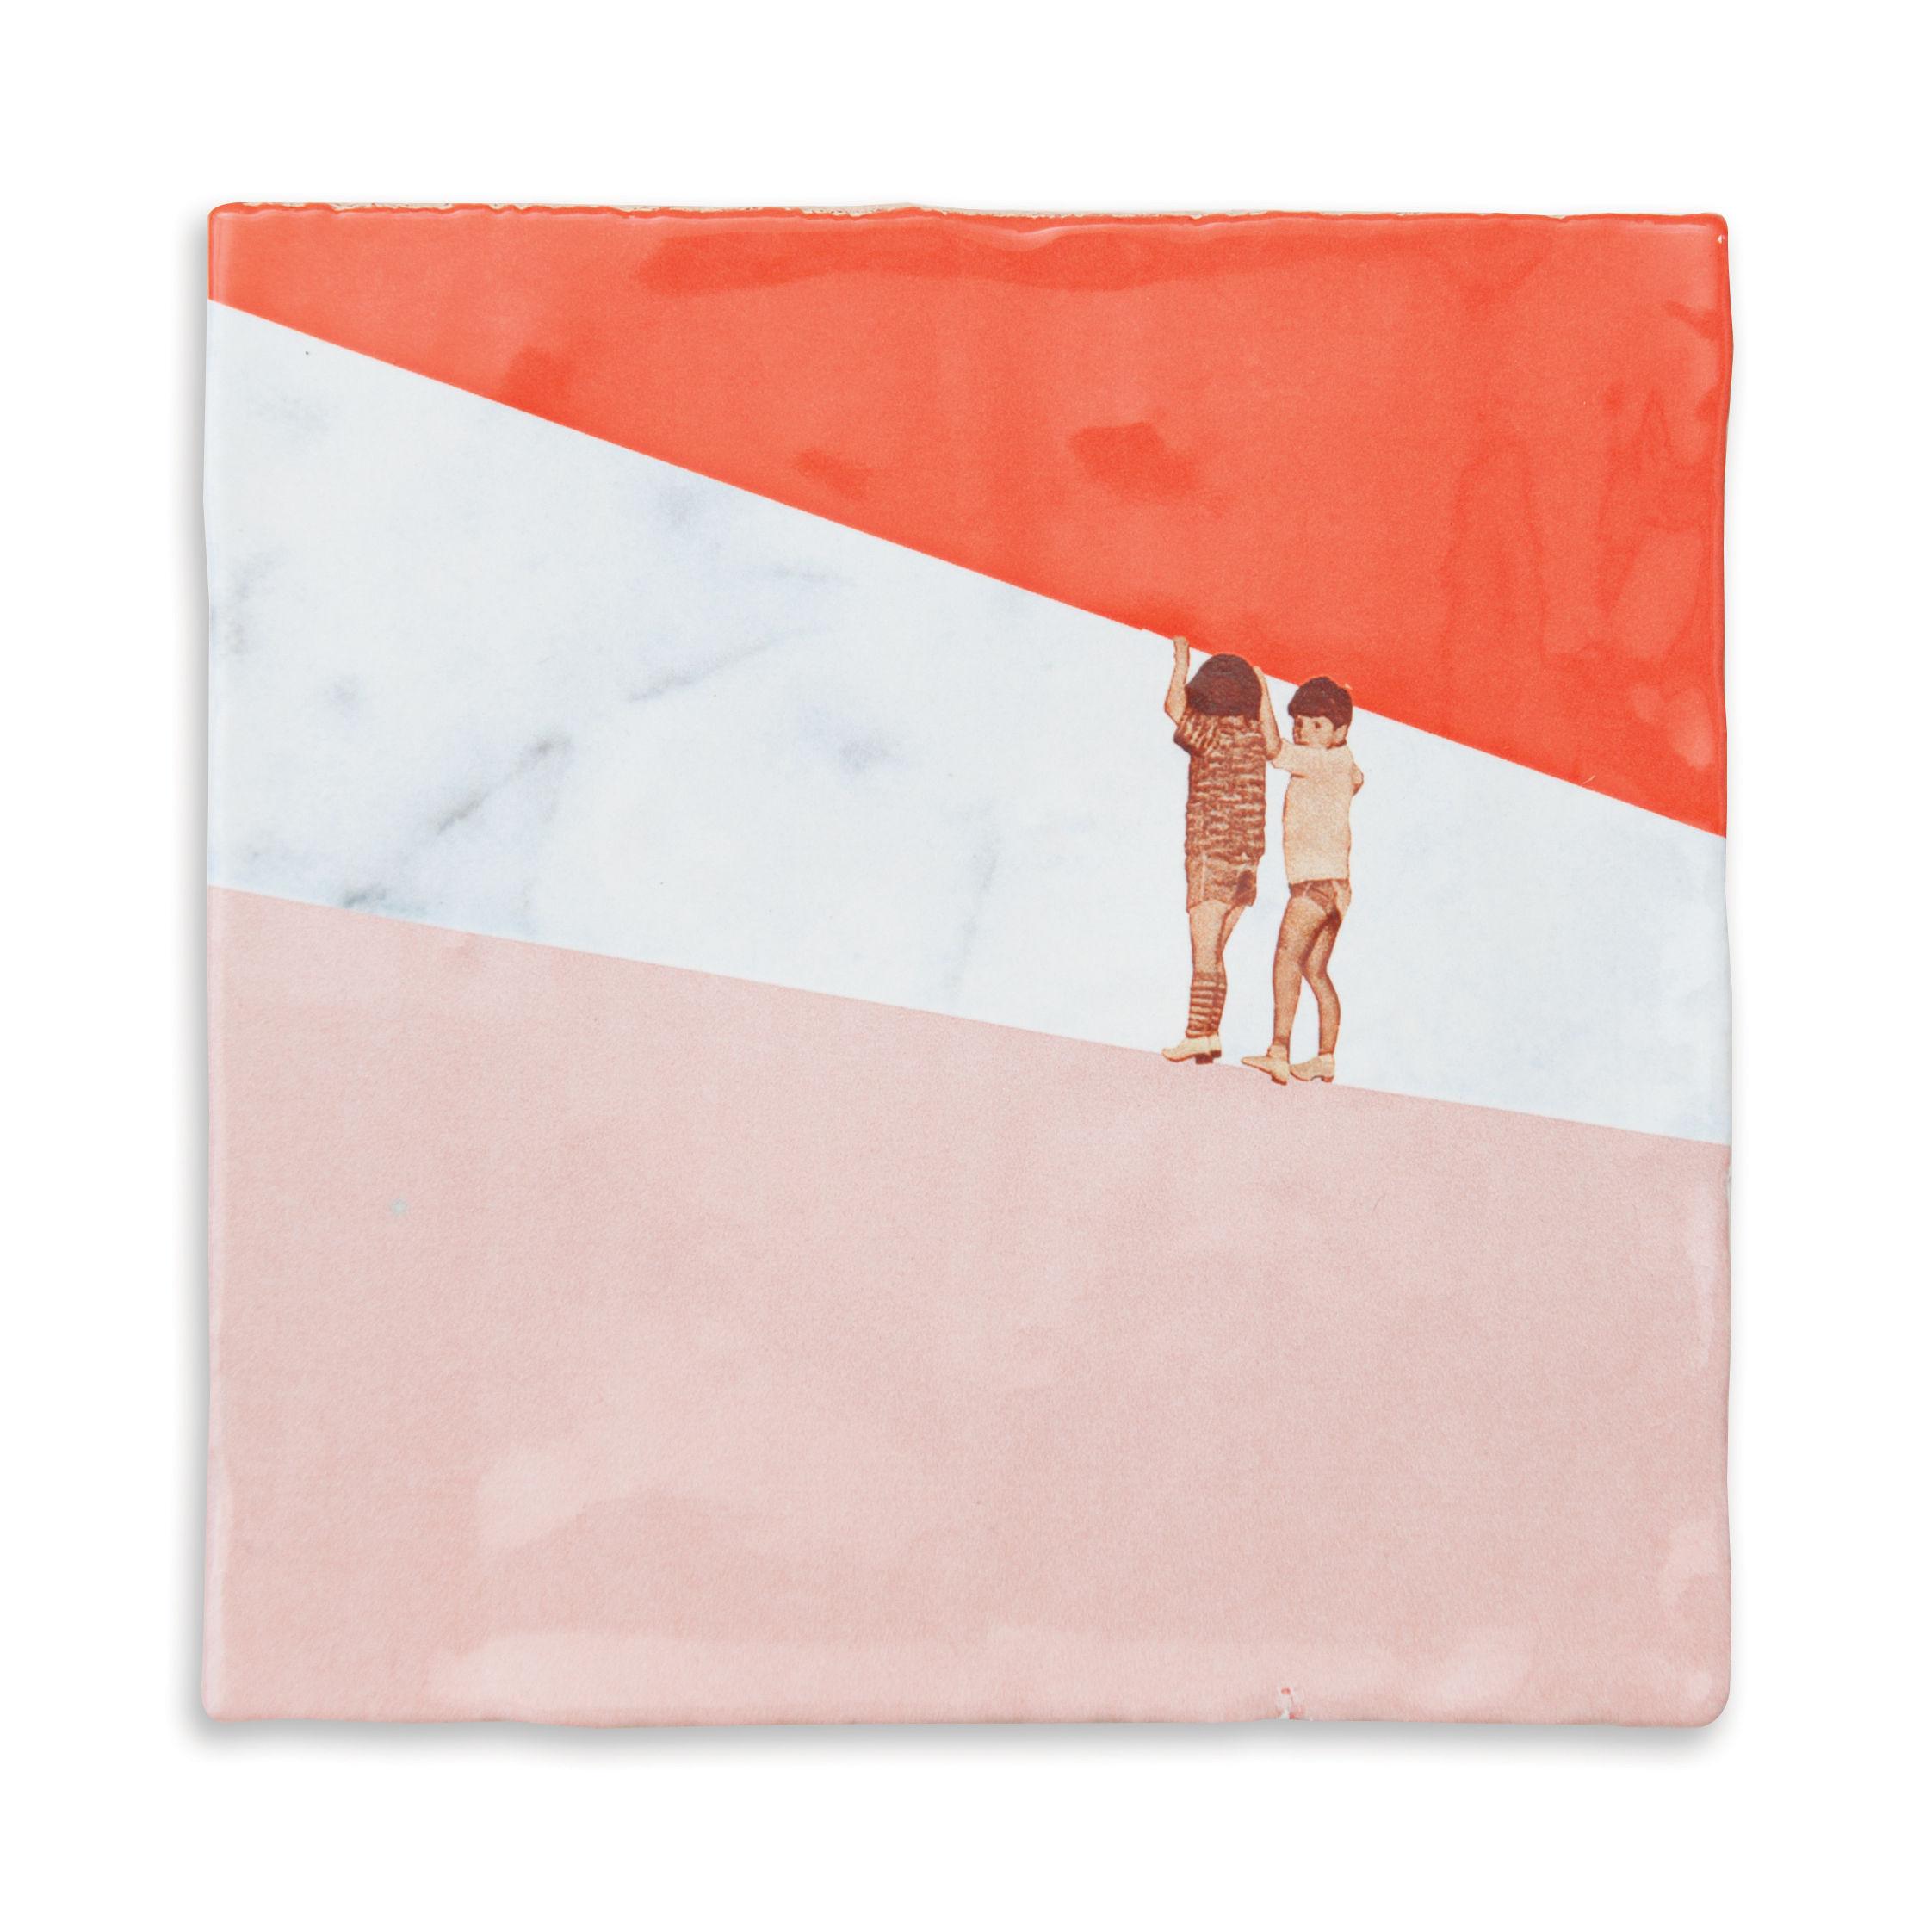 Adventurers ceramic tile 10 x 10 cm 10 x 10 cm for 10 x 10 ceramic floor tile